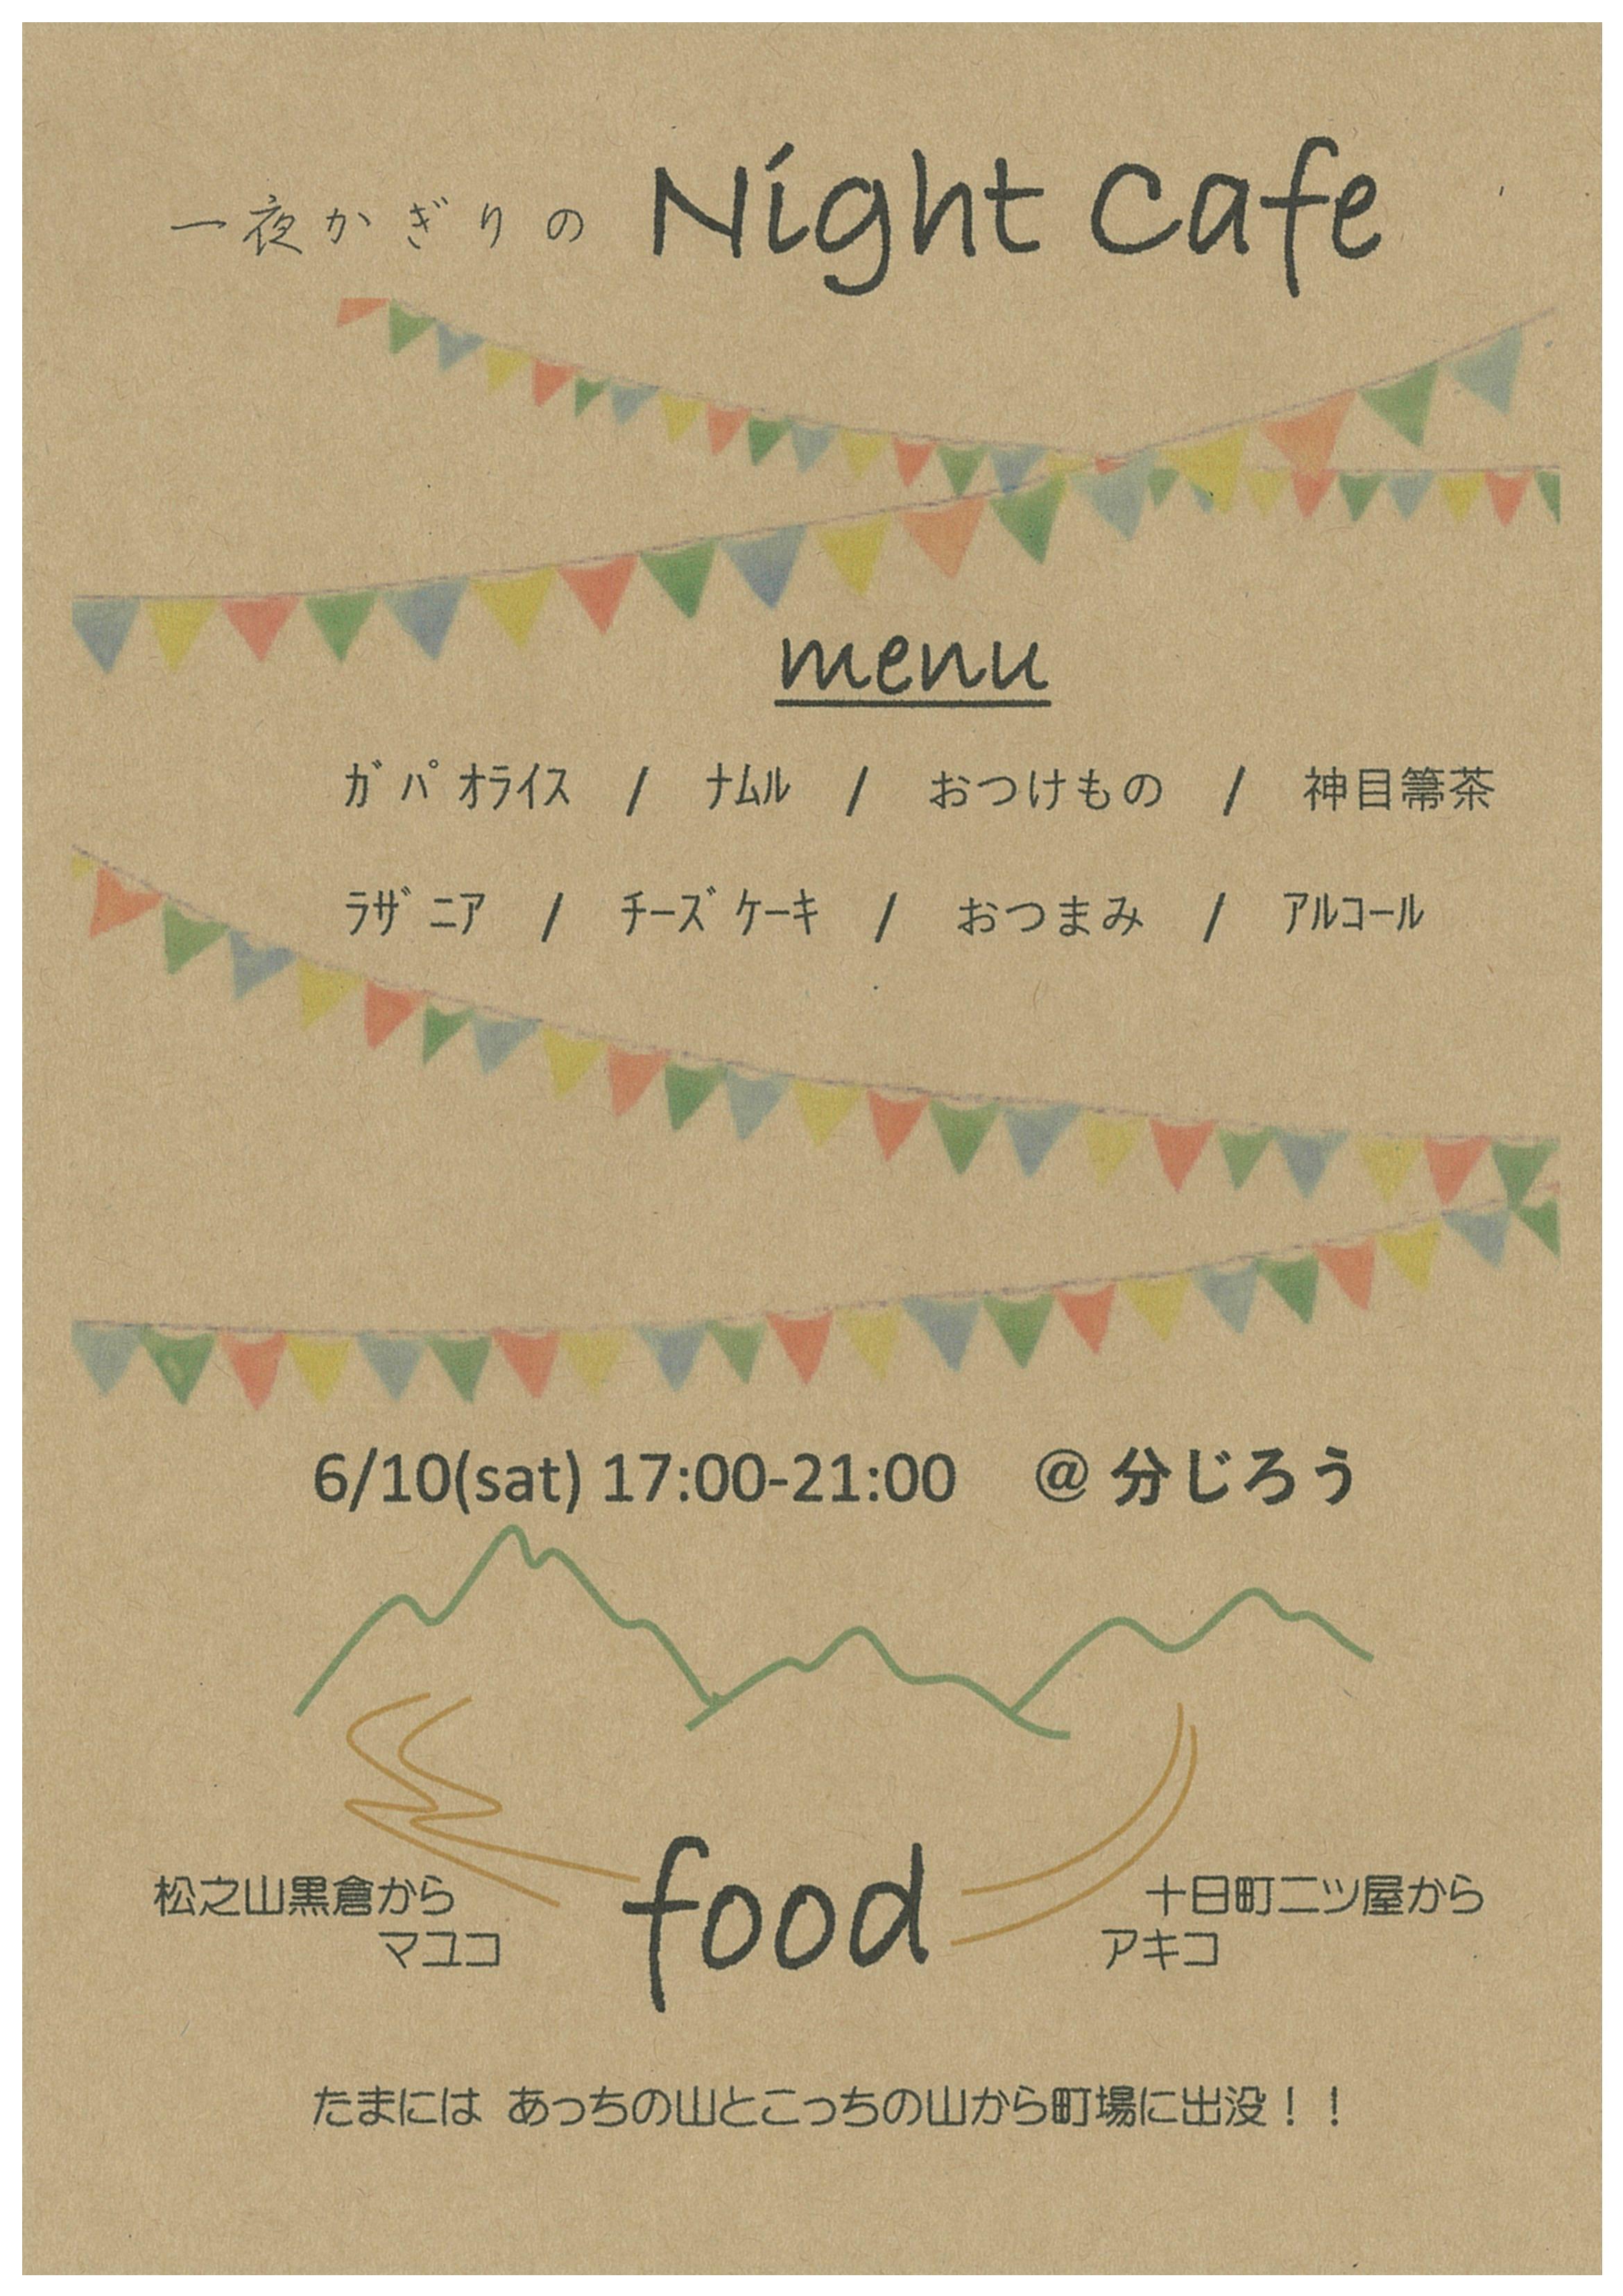 ナイトカフェ presented by まつのやま茶倉